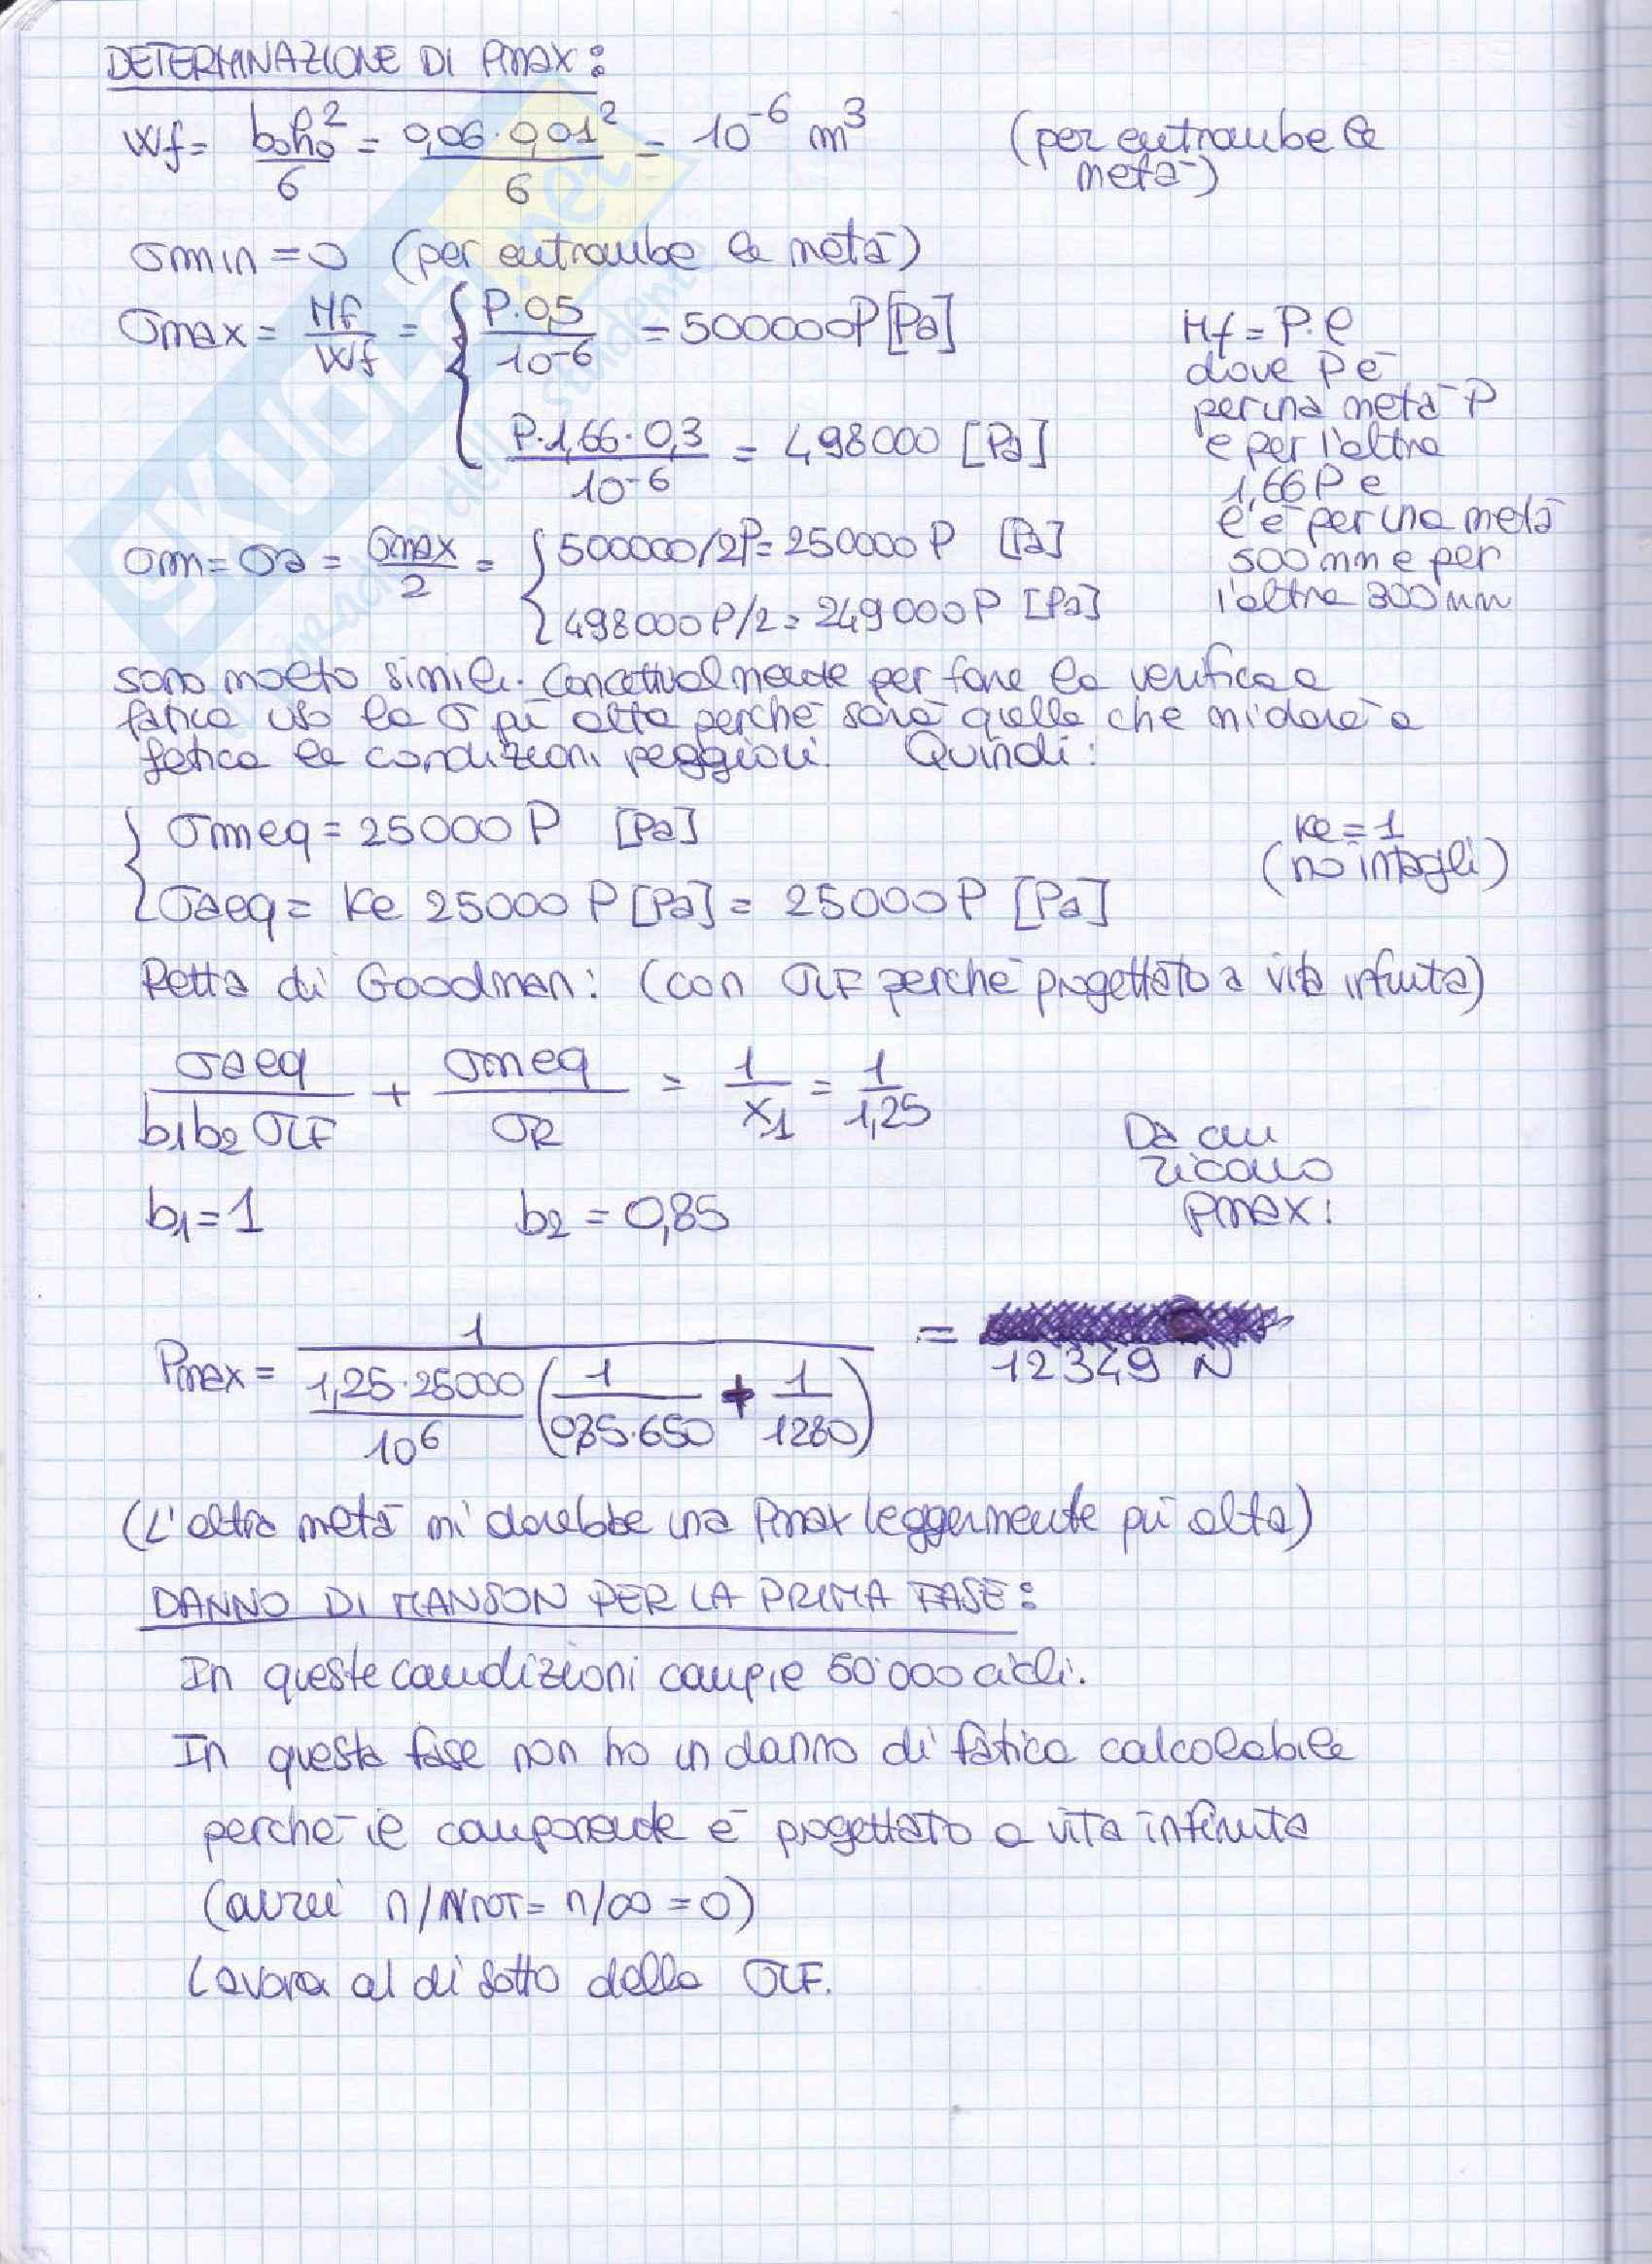 Elementi costruttivi delle macchine - Esercizi esame svolti Pag. 71